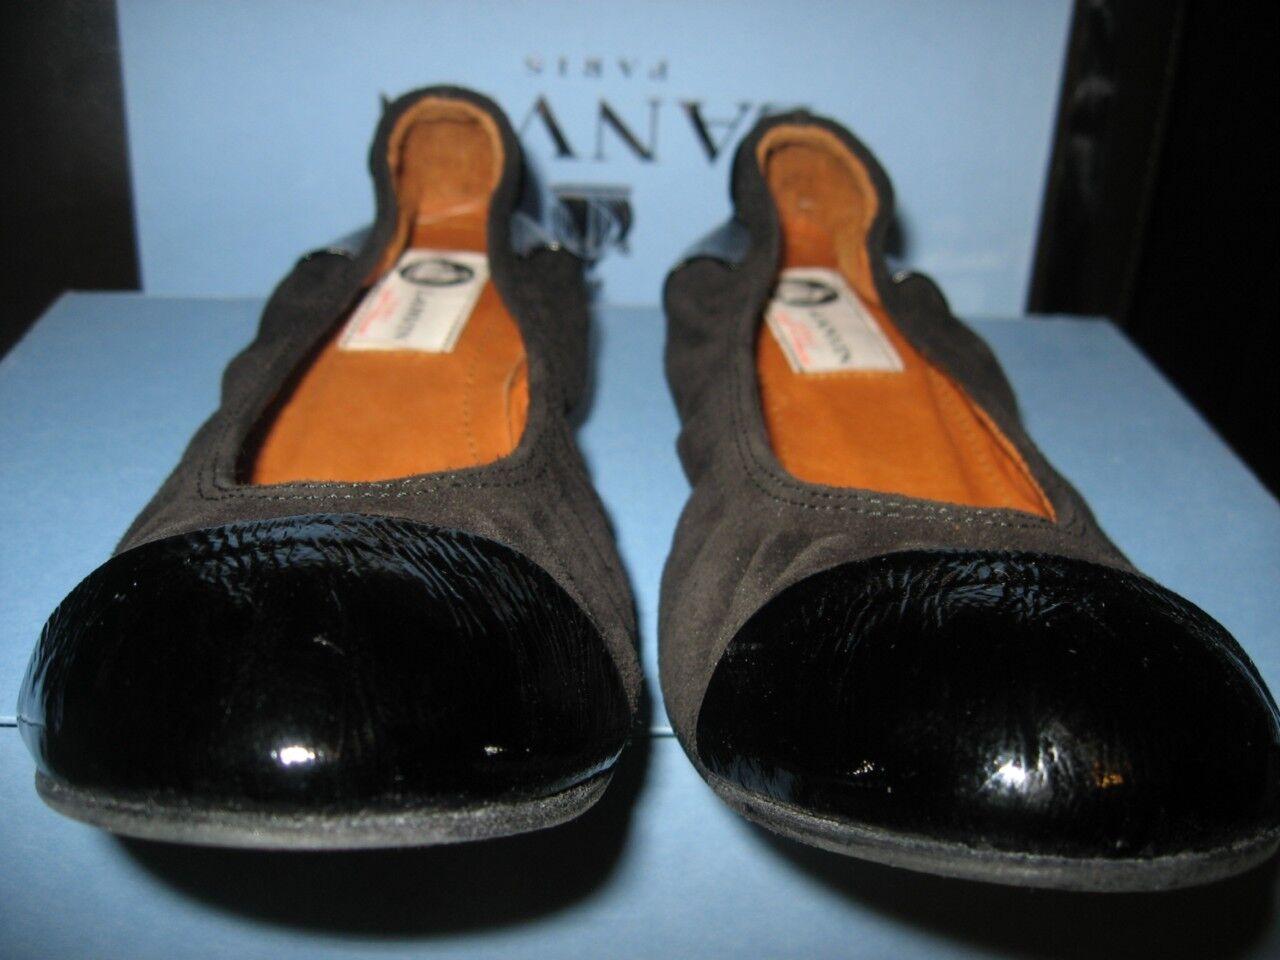 LANVIN Patent Leather Cap Toe Toe Cap Suede Patent Ballerina Flats Shoes Black Size 36.5 56b794